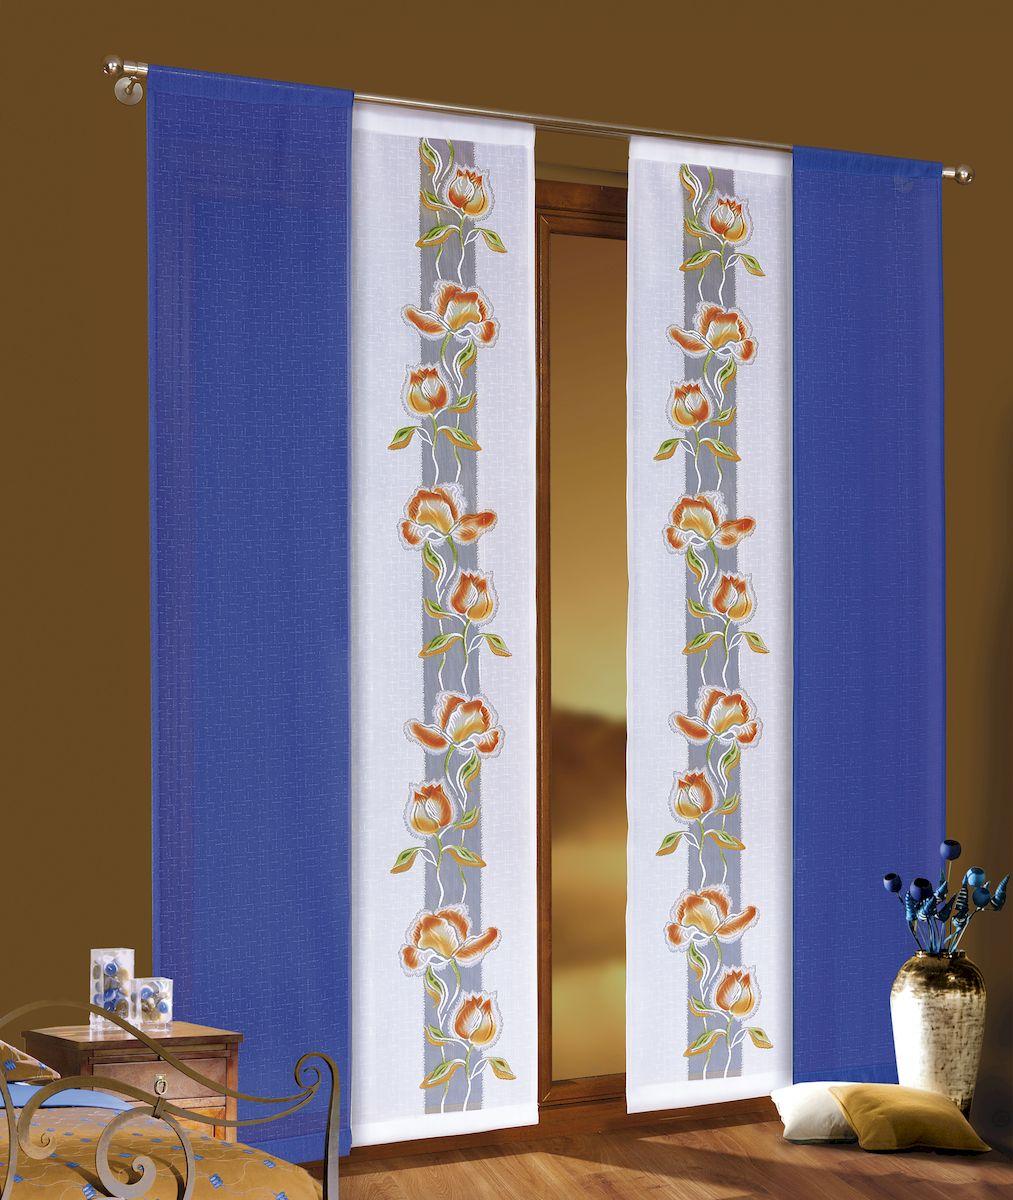 Комплект гардин-панно Wisan, цвет: синий, оранжевый, высота 220 см. 3457